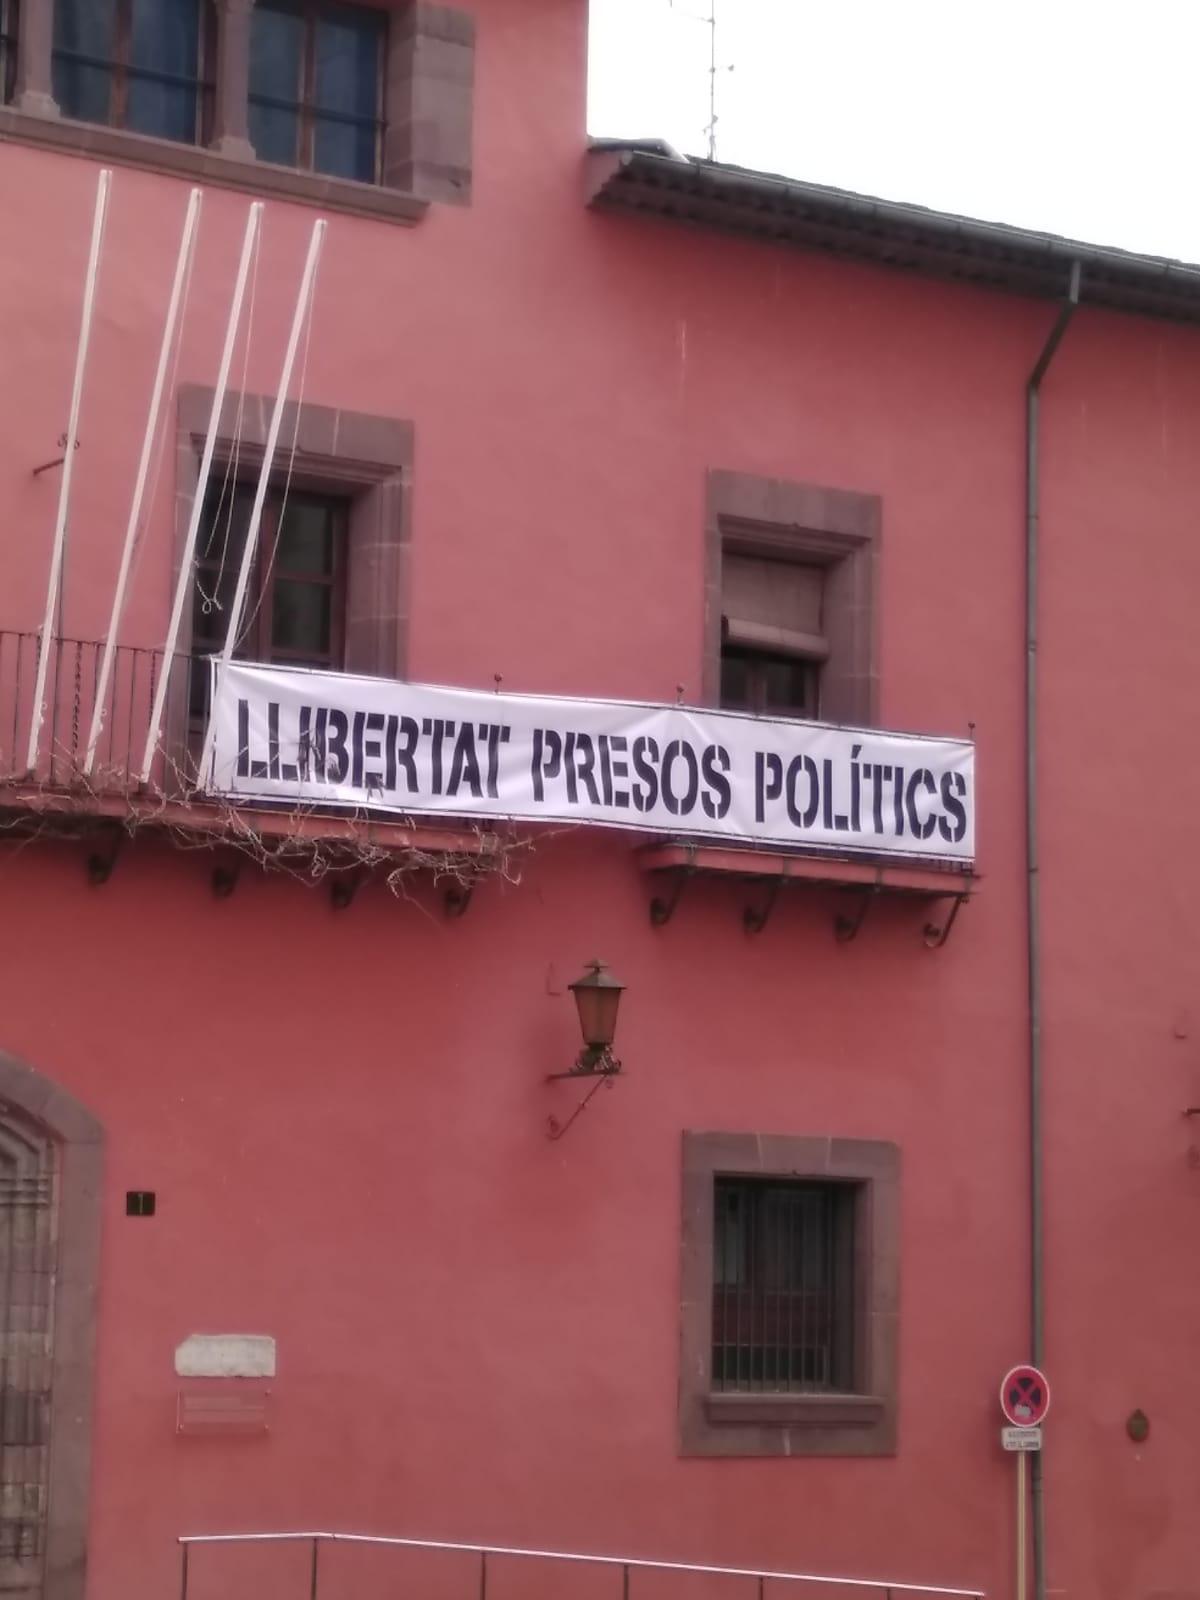 Ciutadans reclama que l'ajuntament de la Seu retiri la simbologia independentista